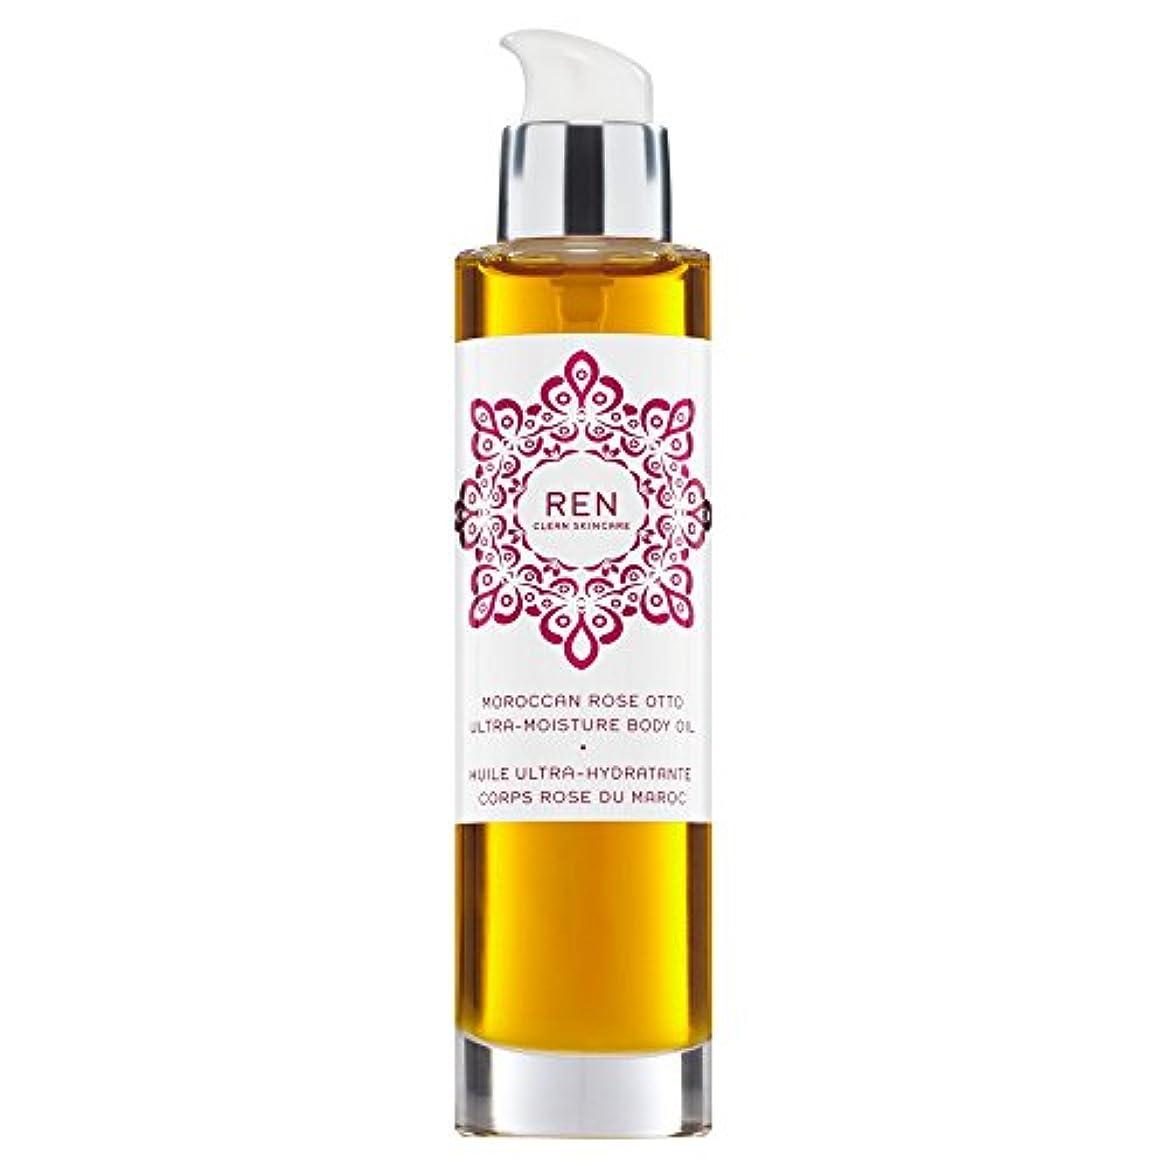 マティスストラトフォードオンエイボンフォークRenモロッコはオットー超水分ボディオイル100ミリリットルをバラ (REN) (x2) - REN Moroccan Rose Otto Ultra-Moisture Body Oil 100ml (Pack of 2...